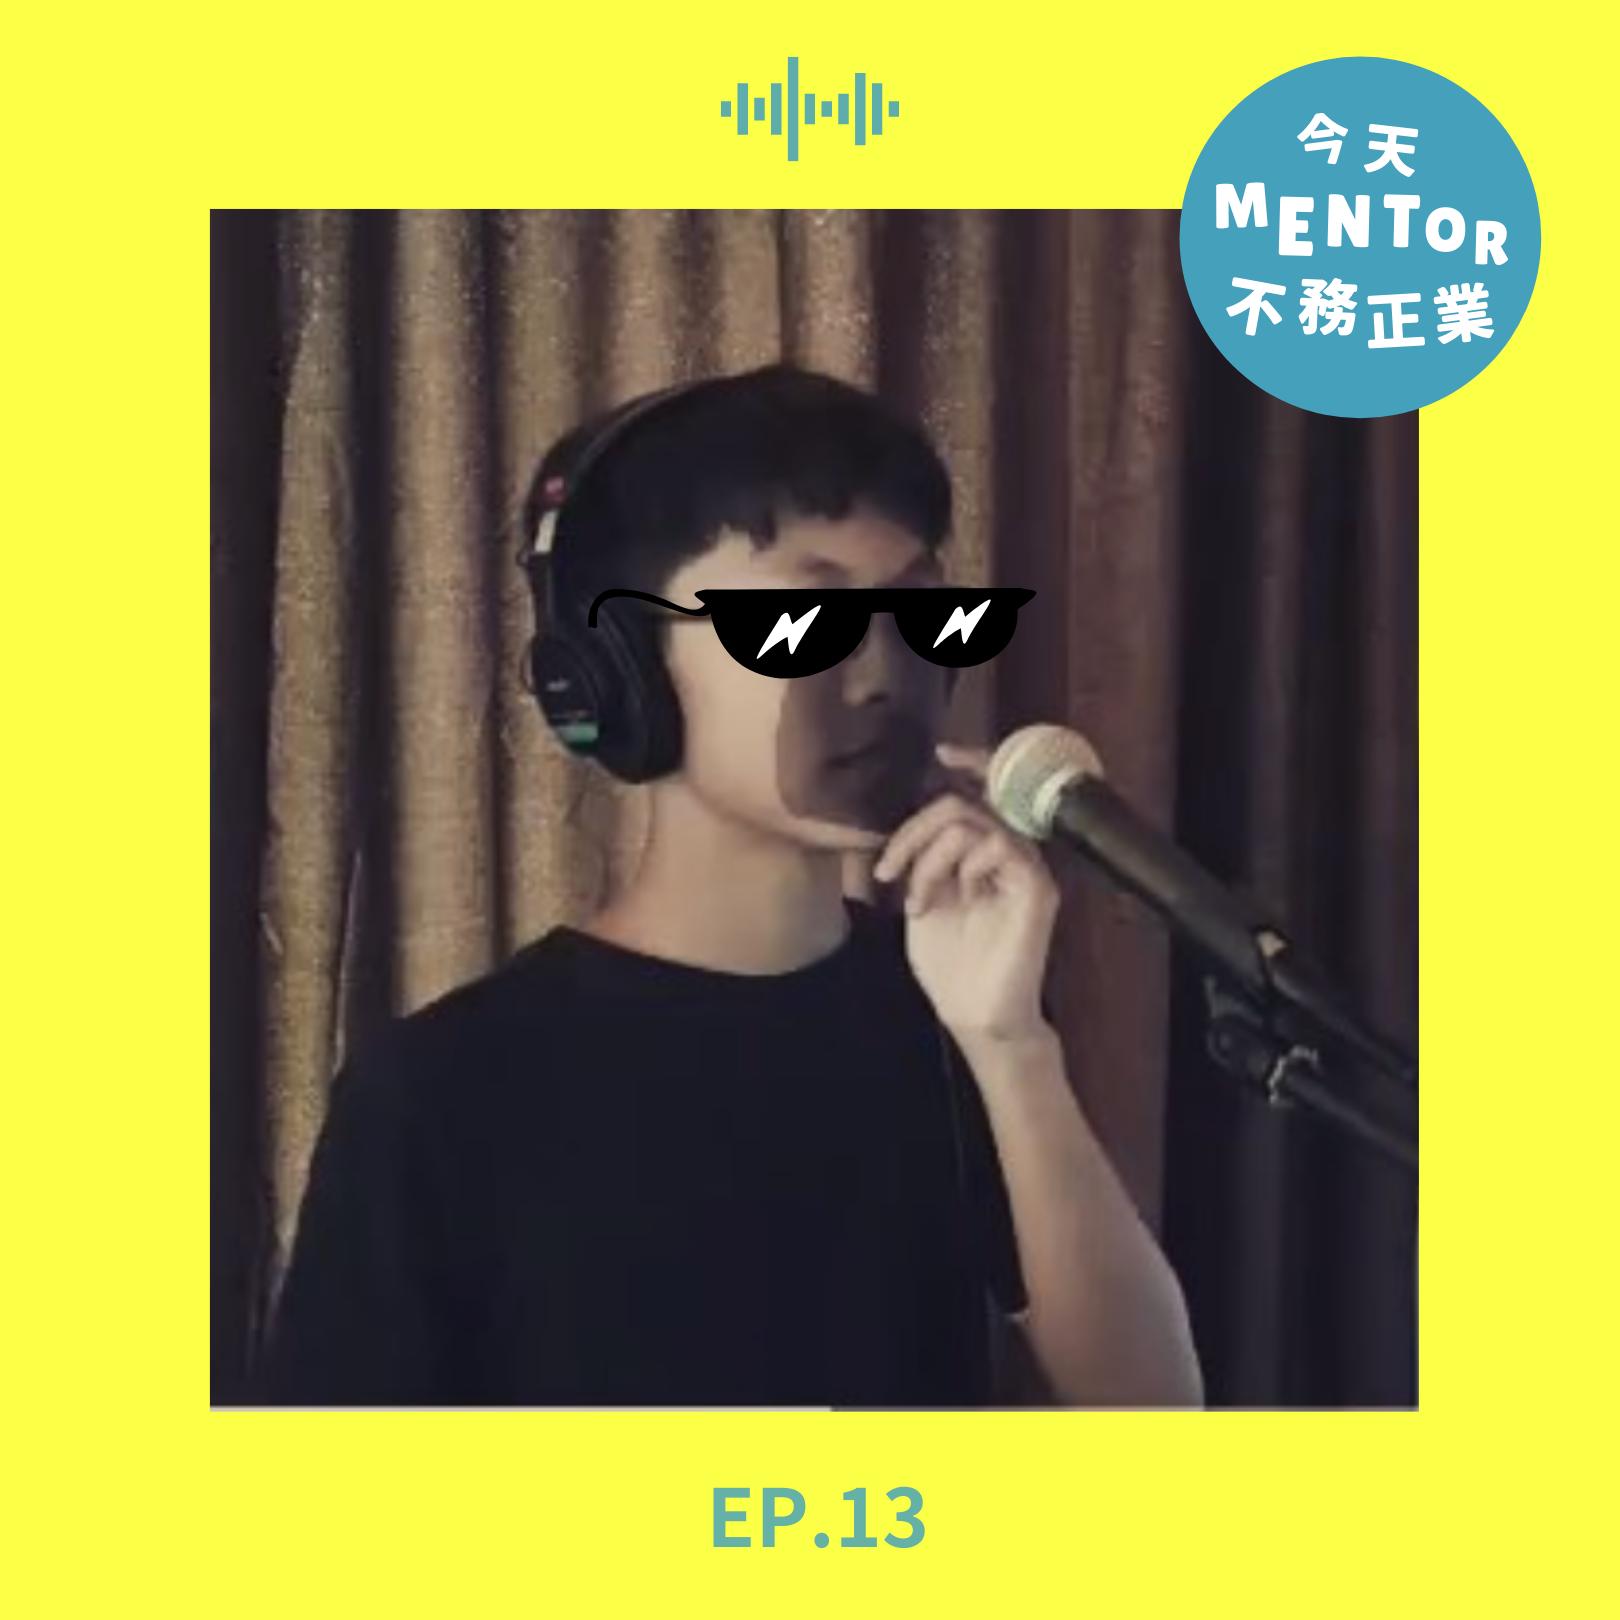 EP.13 復旦高中徐浩元:我種小白菜我也唱嘻哈、資深藻礁導覽員、我想成為中醫生 ft. 浩元